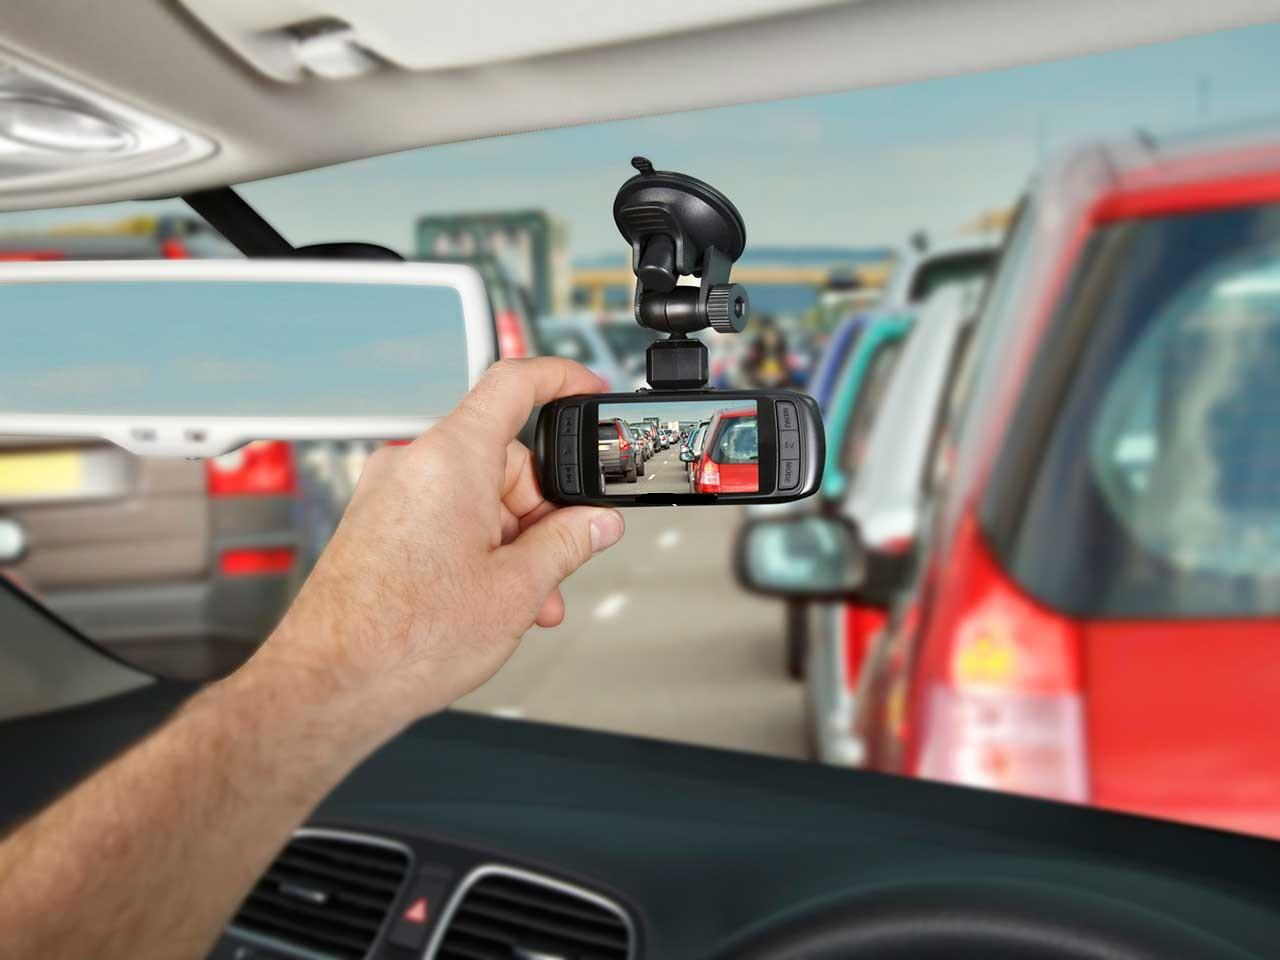 دوربین خودرو وای فای دار | دوربین خودرو wifi